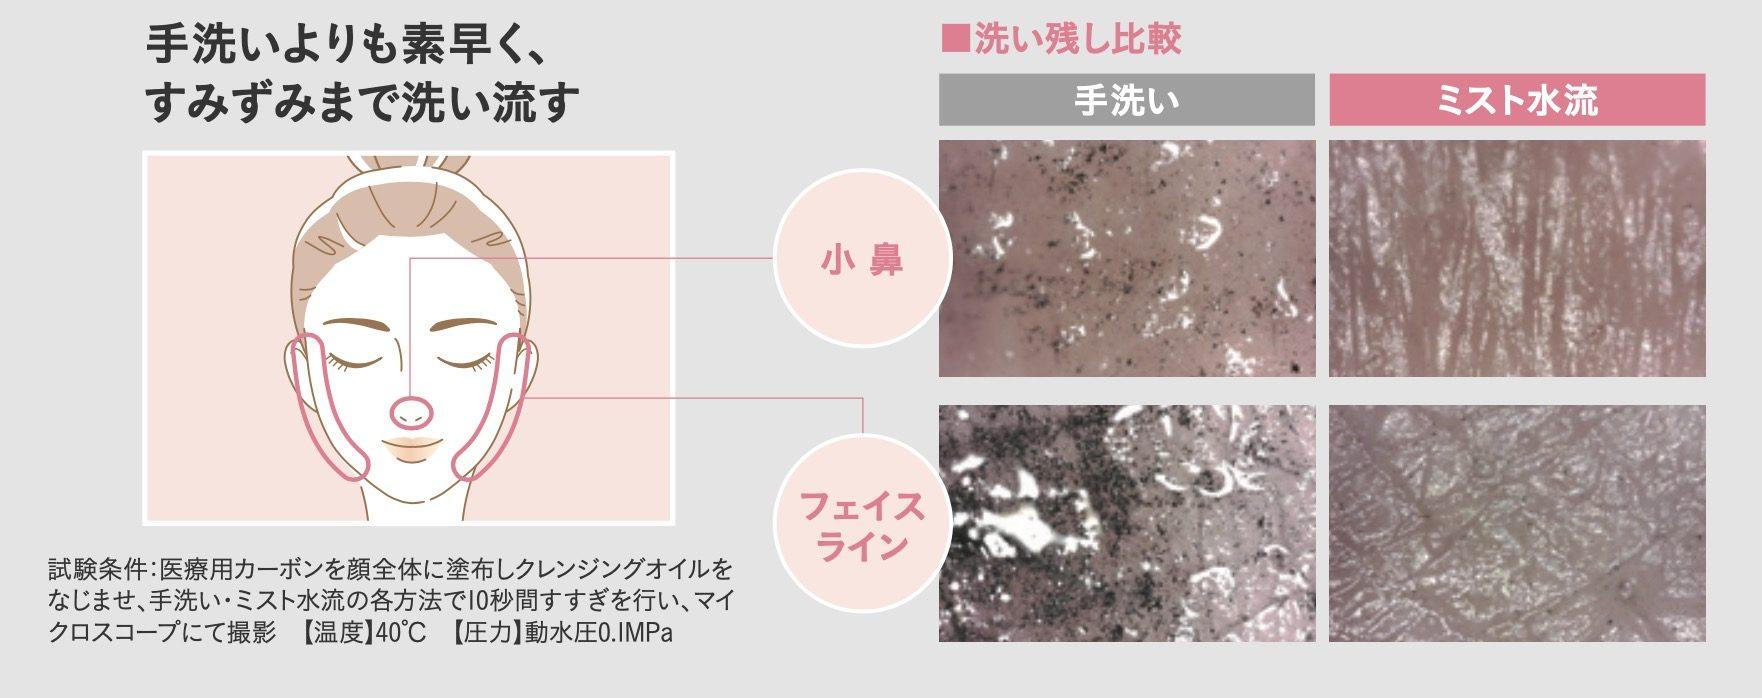 洗顔に最適な3つのスキンケア設計①